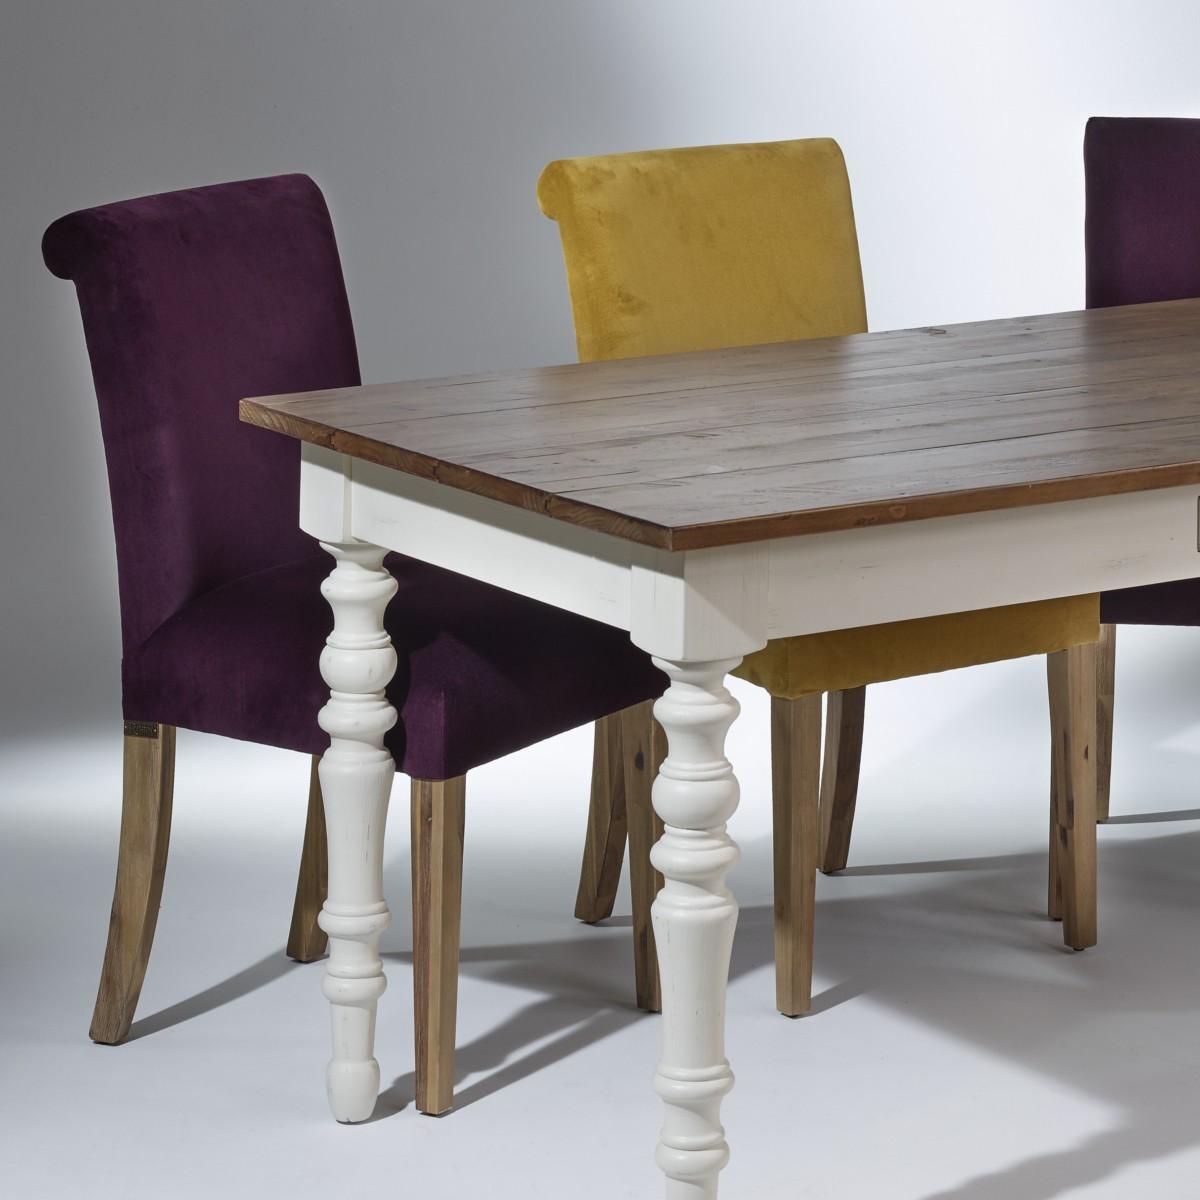 2 Chaises de table en velours, pieds bois, velours ALIX